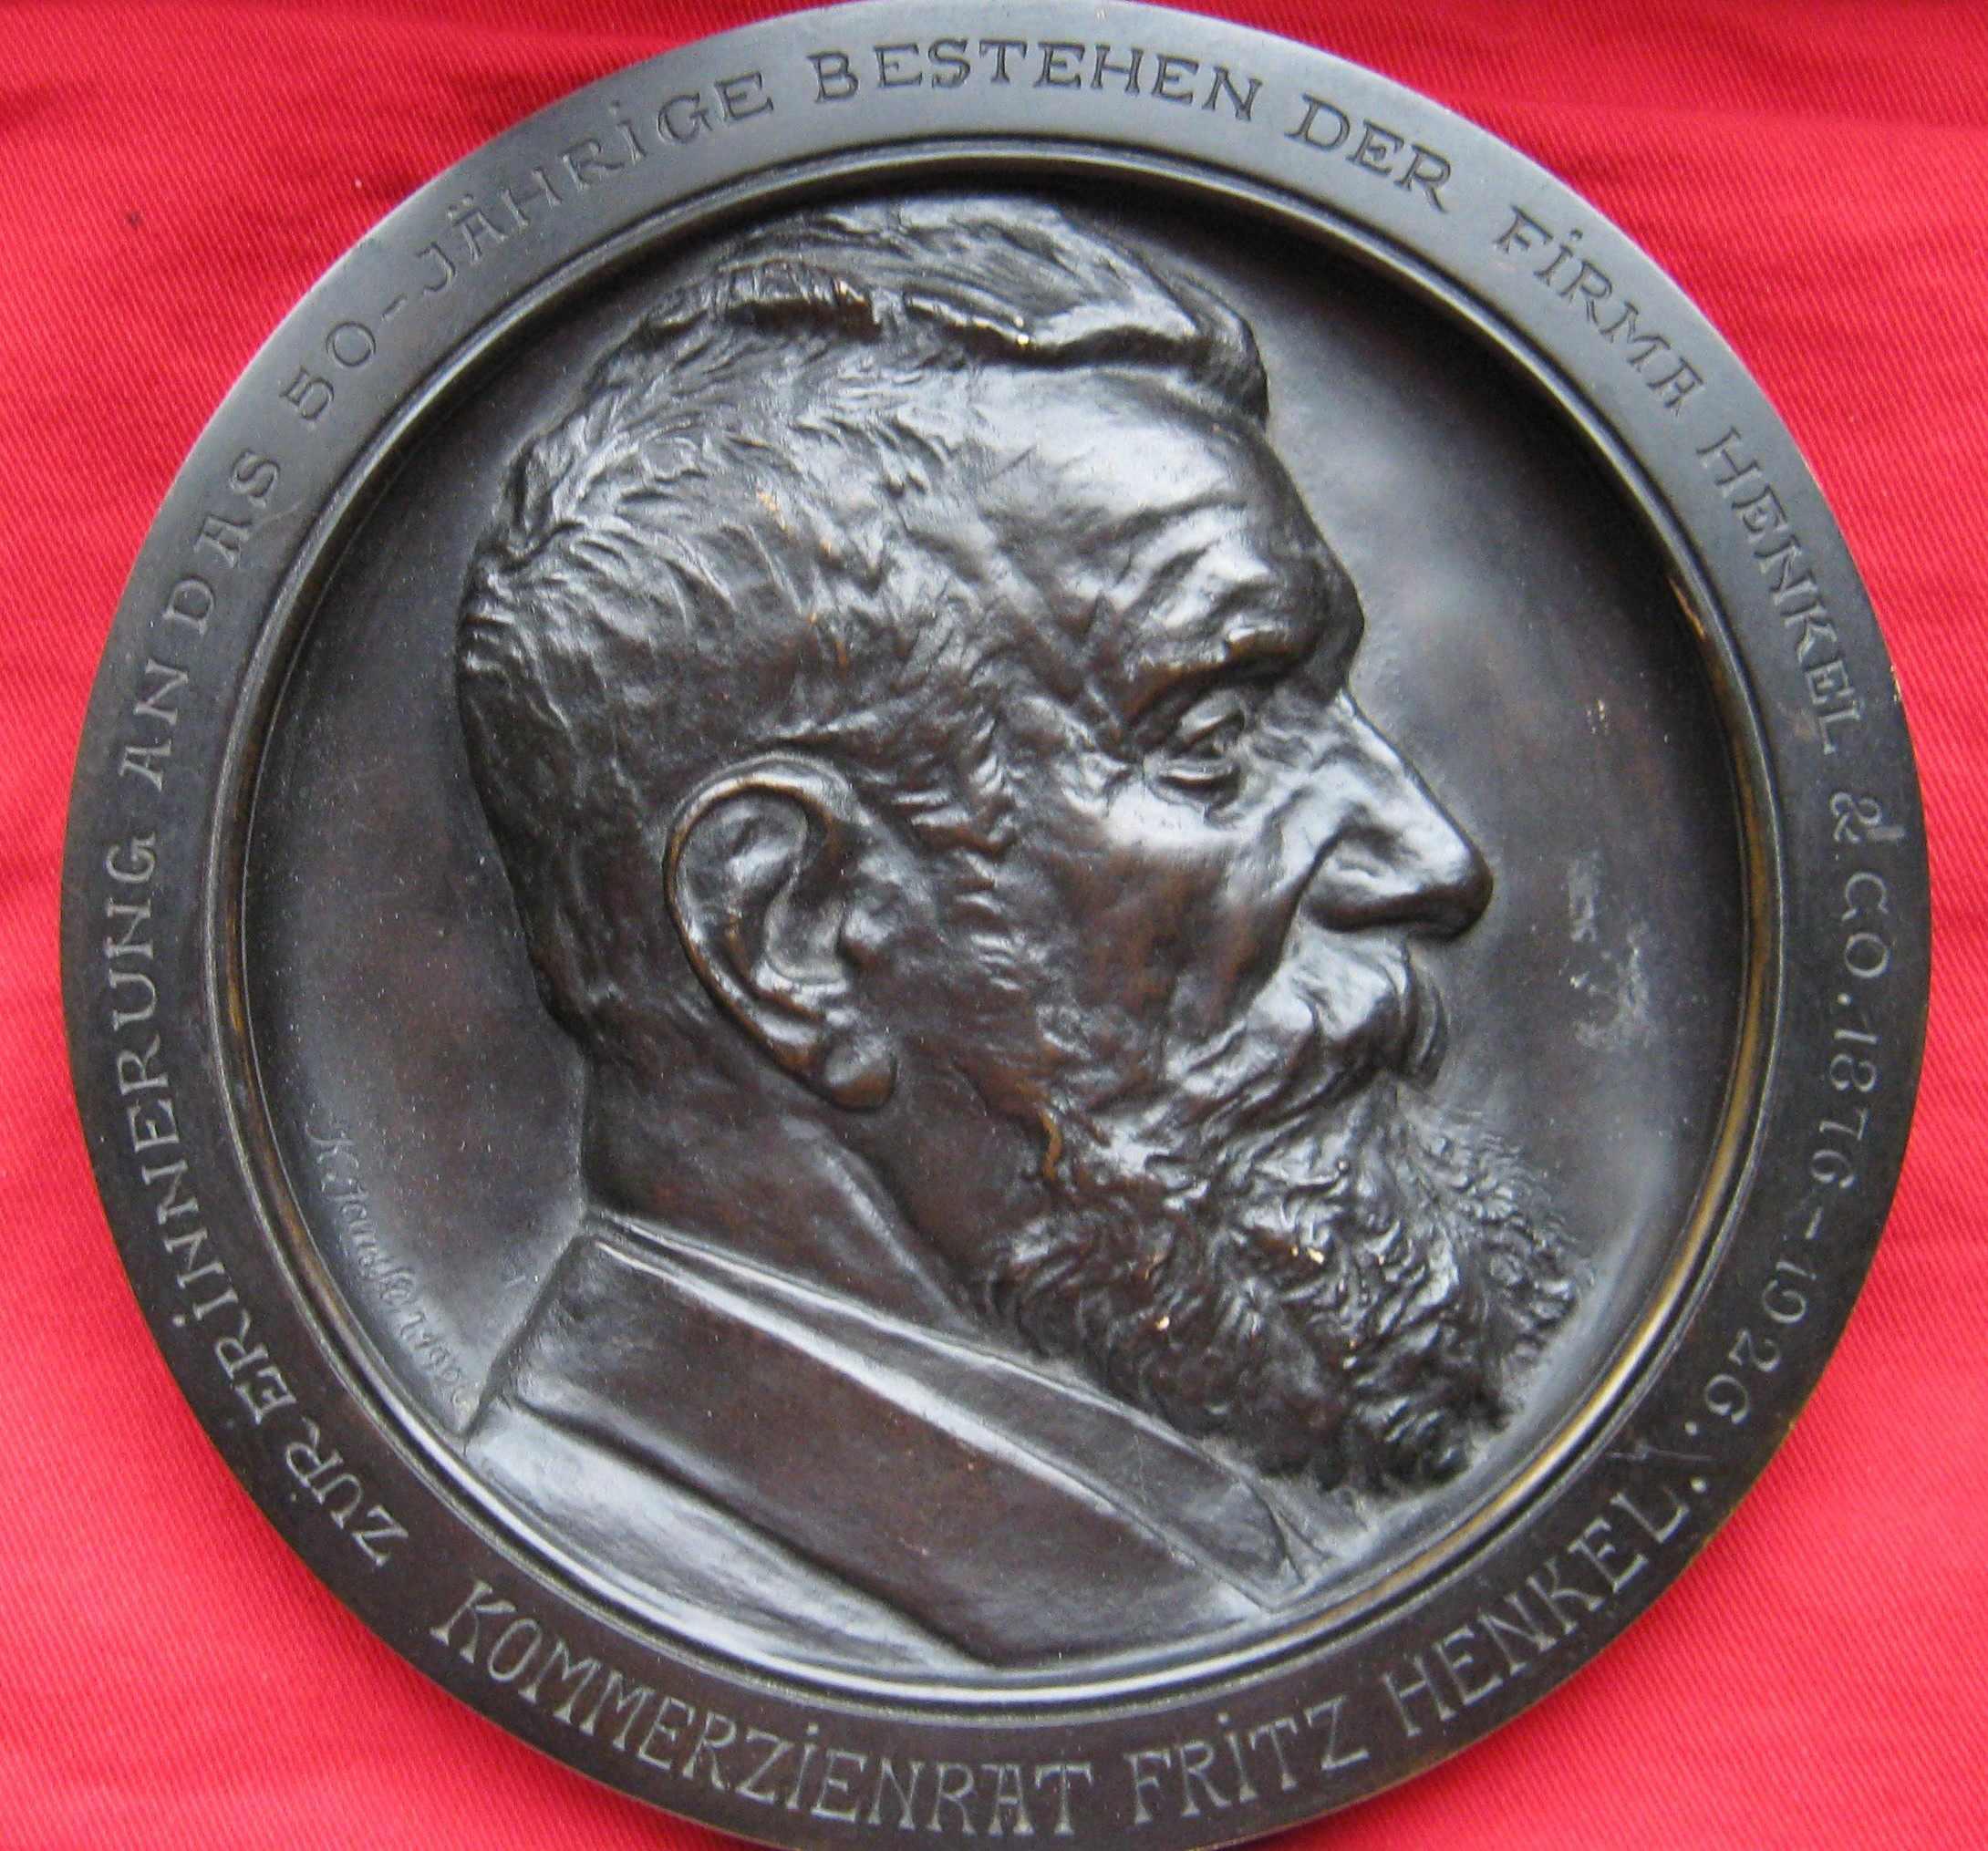 Kommerzienrat Fritz Henkel, zur Erinnerung an das 50-Jährige Bestehen der Firma Henkel & Co 1876 -1926